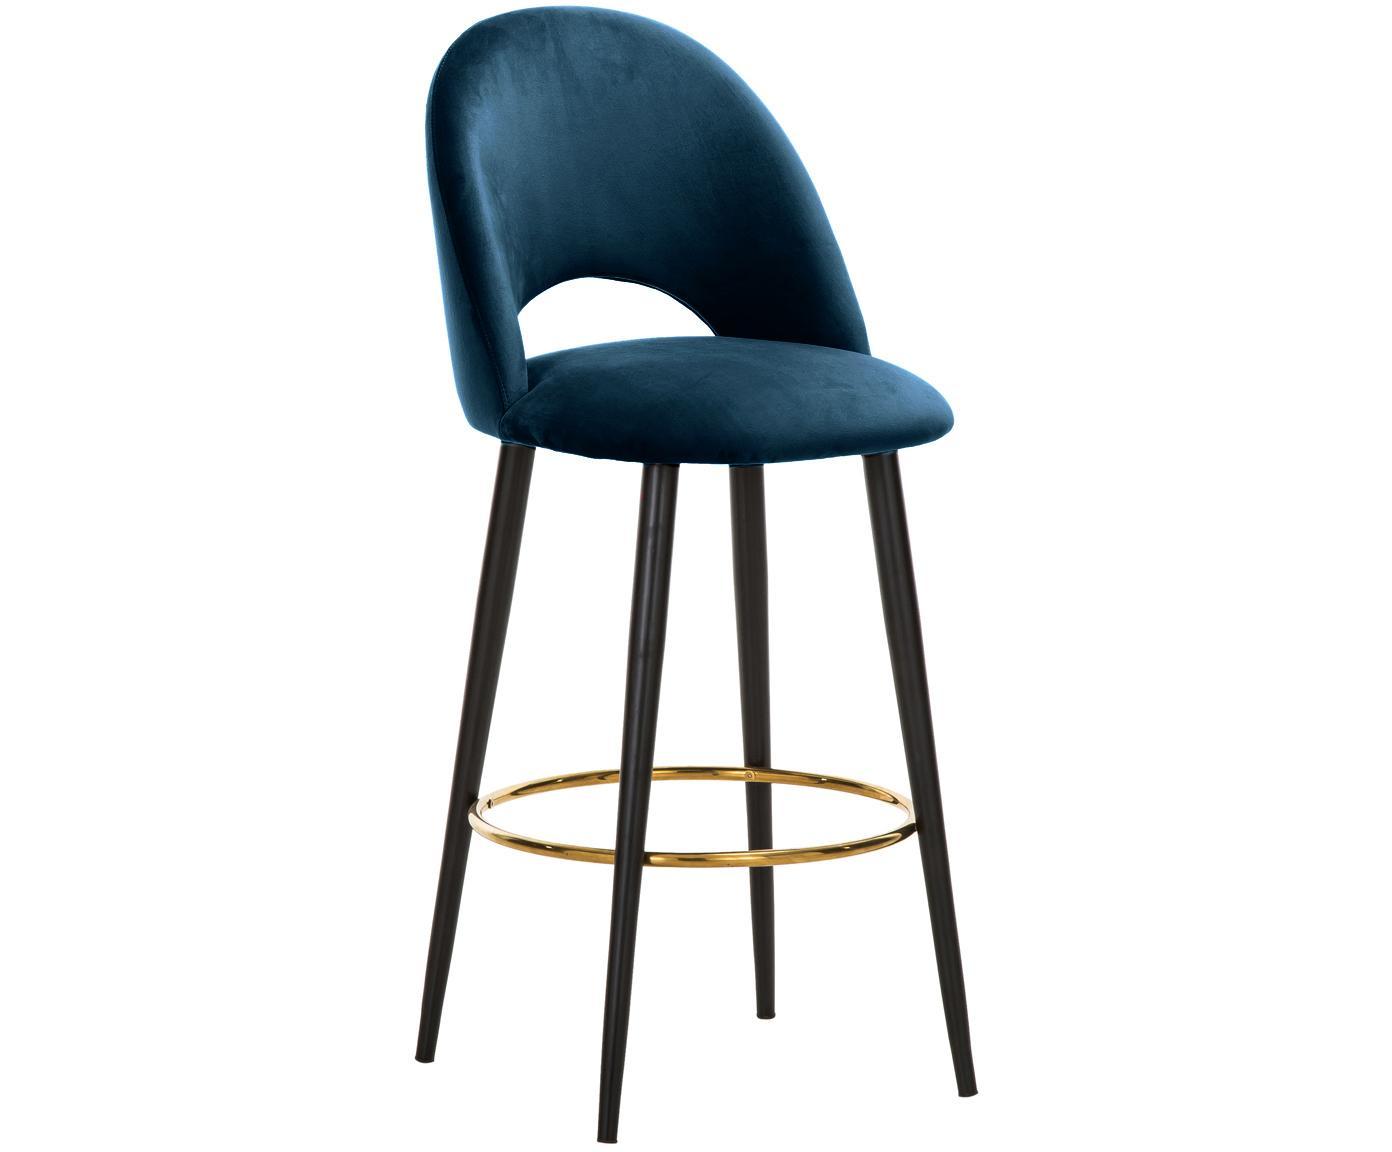 Krzesło barowe z aksamitu Rachel, Tapicerka: aksamit (poliester) 5000, Nogi: metal malowany proszkowo , Ciemnoniebieski, S 48 x W 110 cm